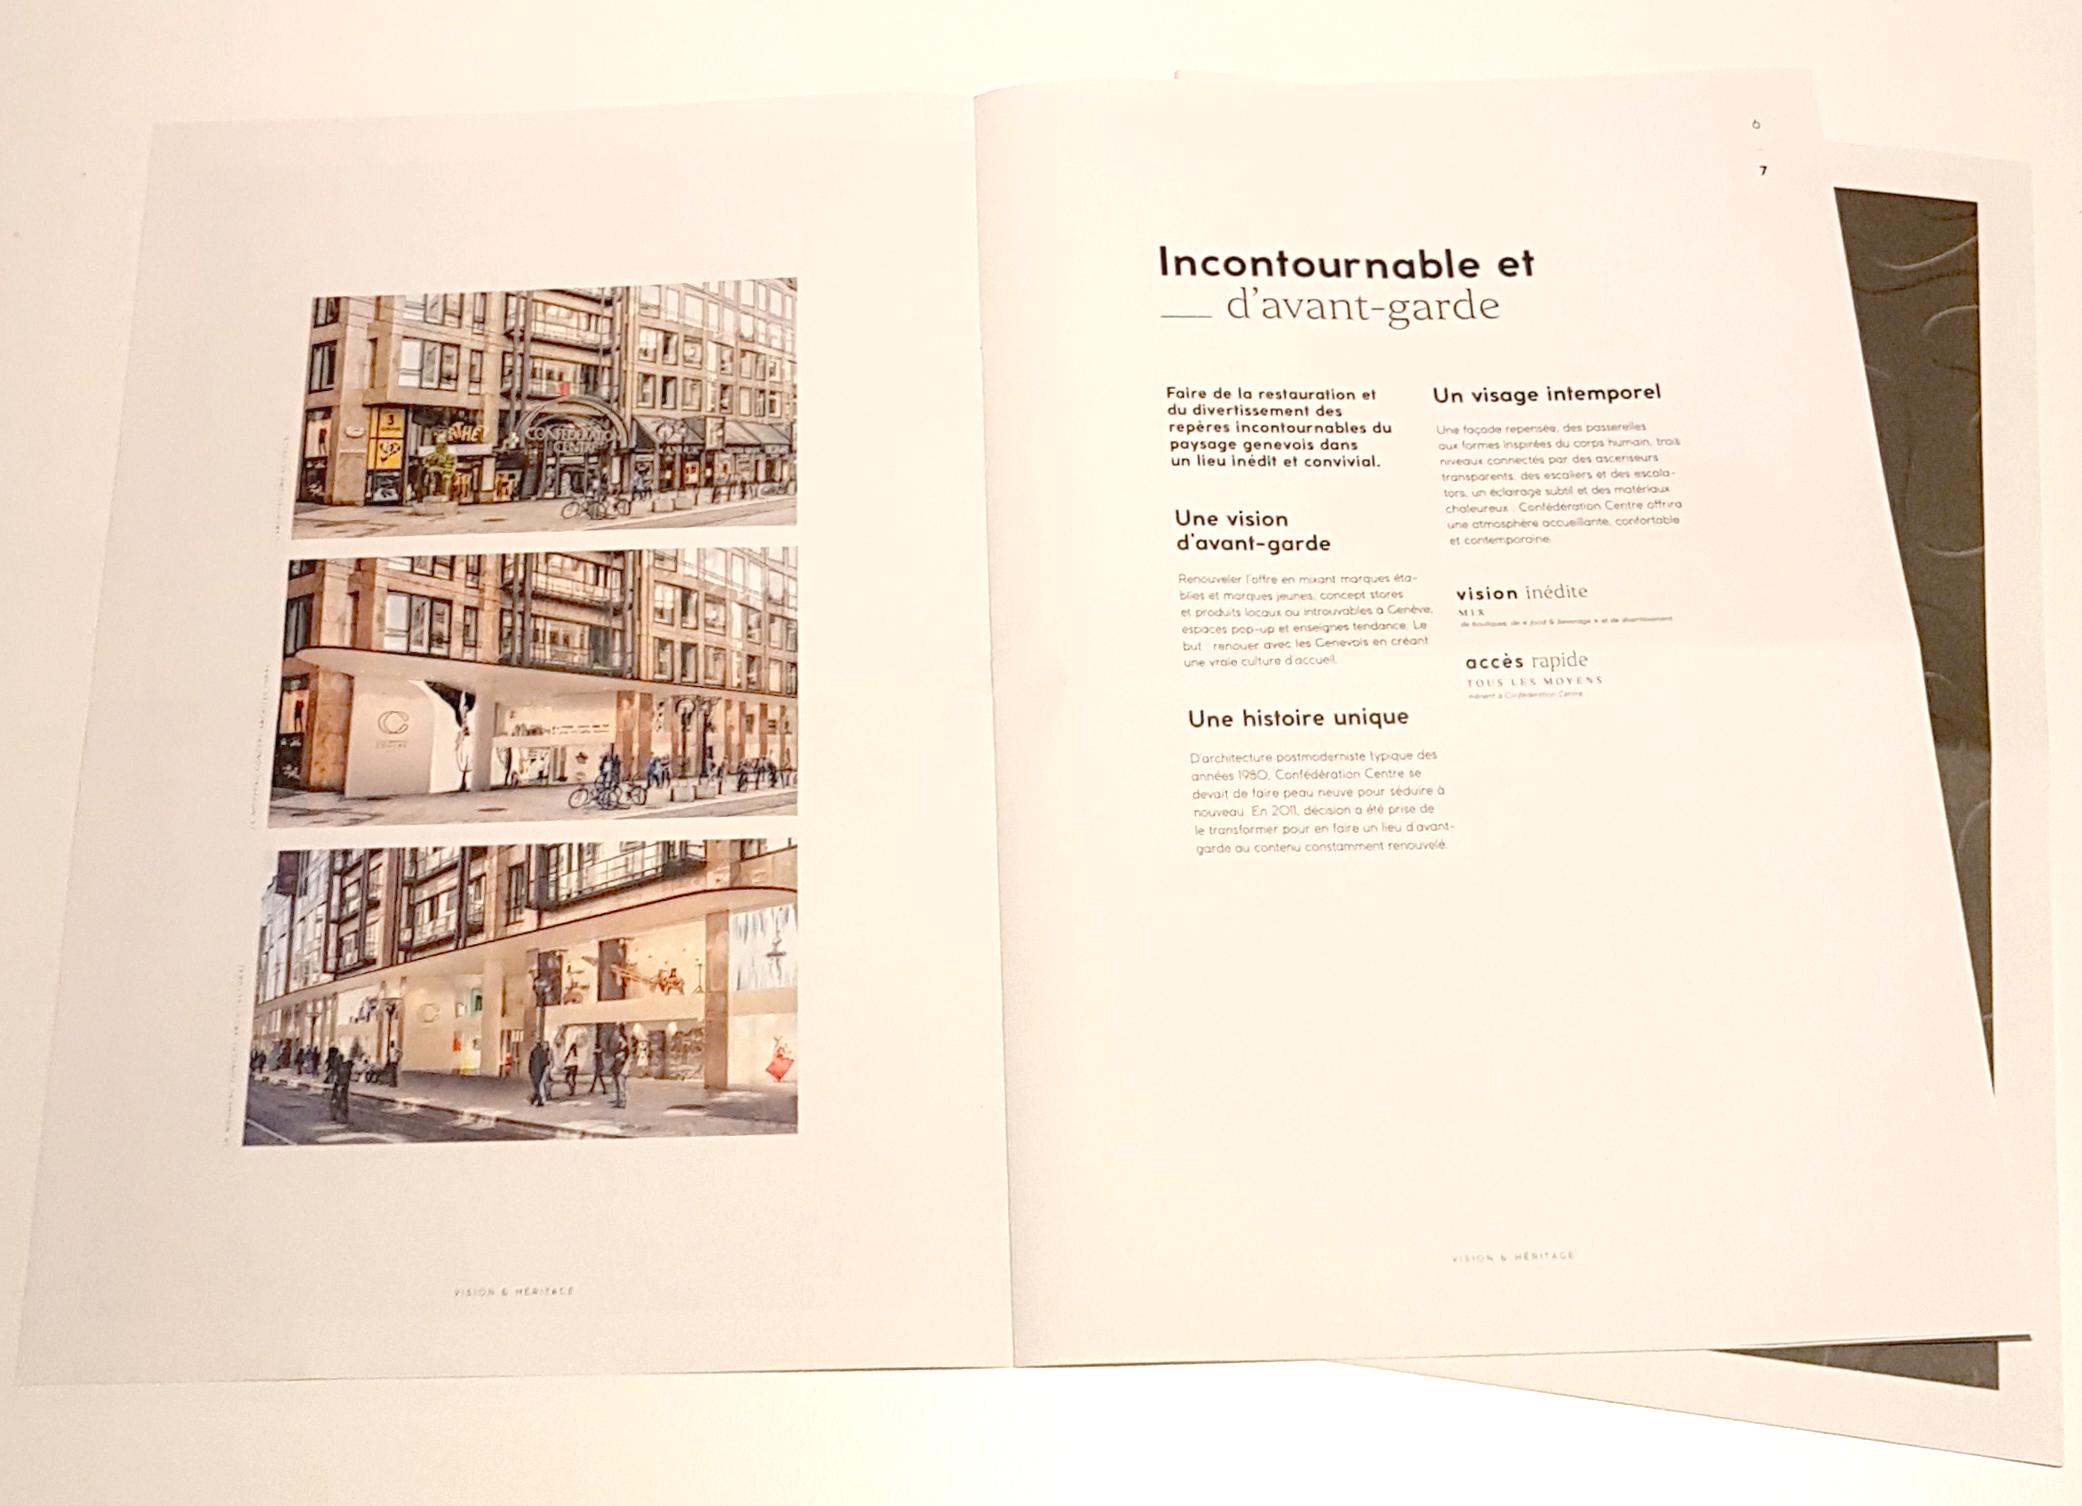 Confédération Centre - Brochure #2